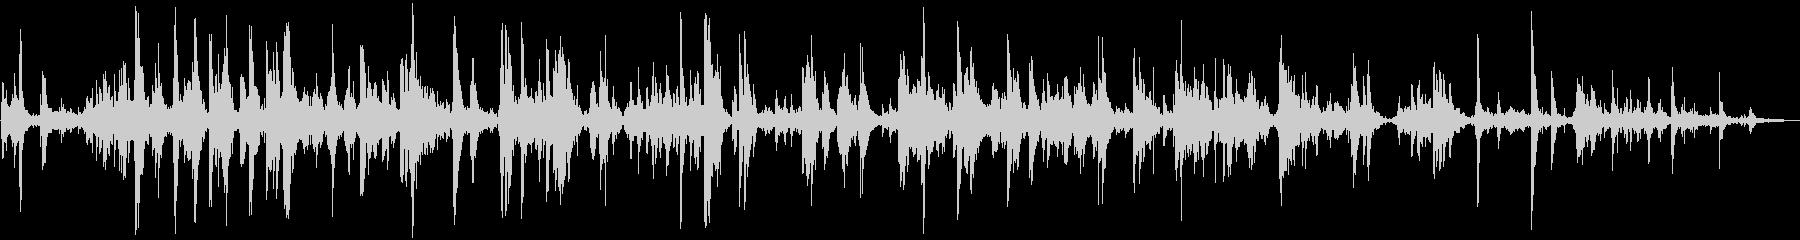 ごみを介したRU;ヴィンテージ録音...の未再生の波形